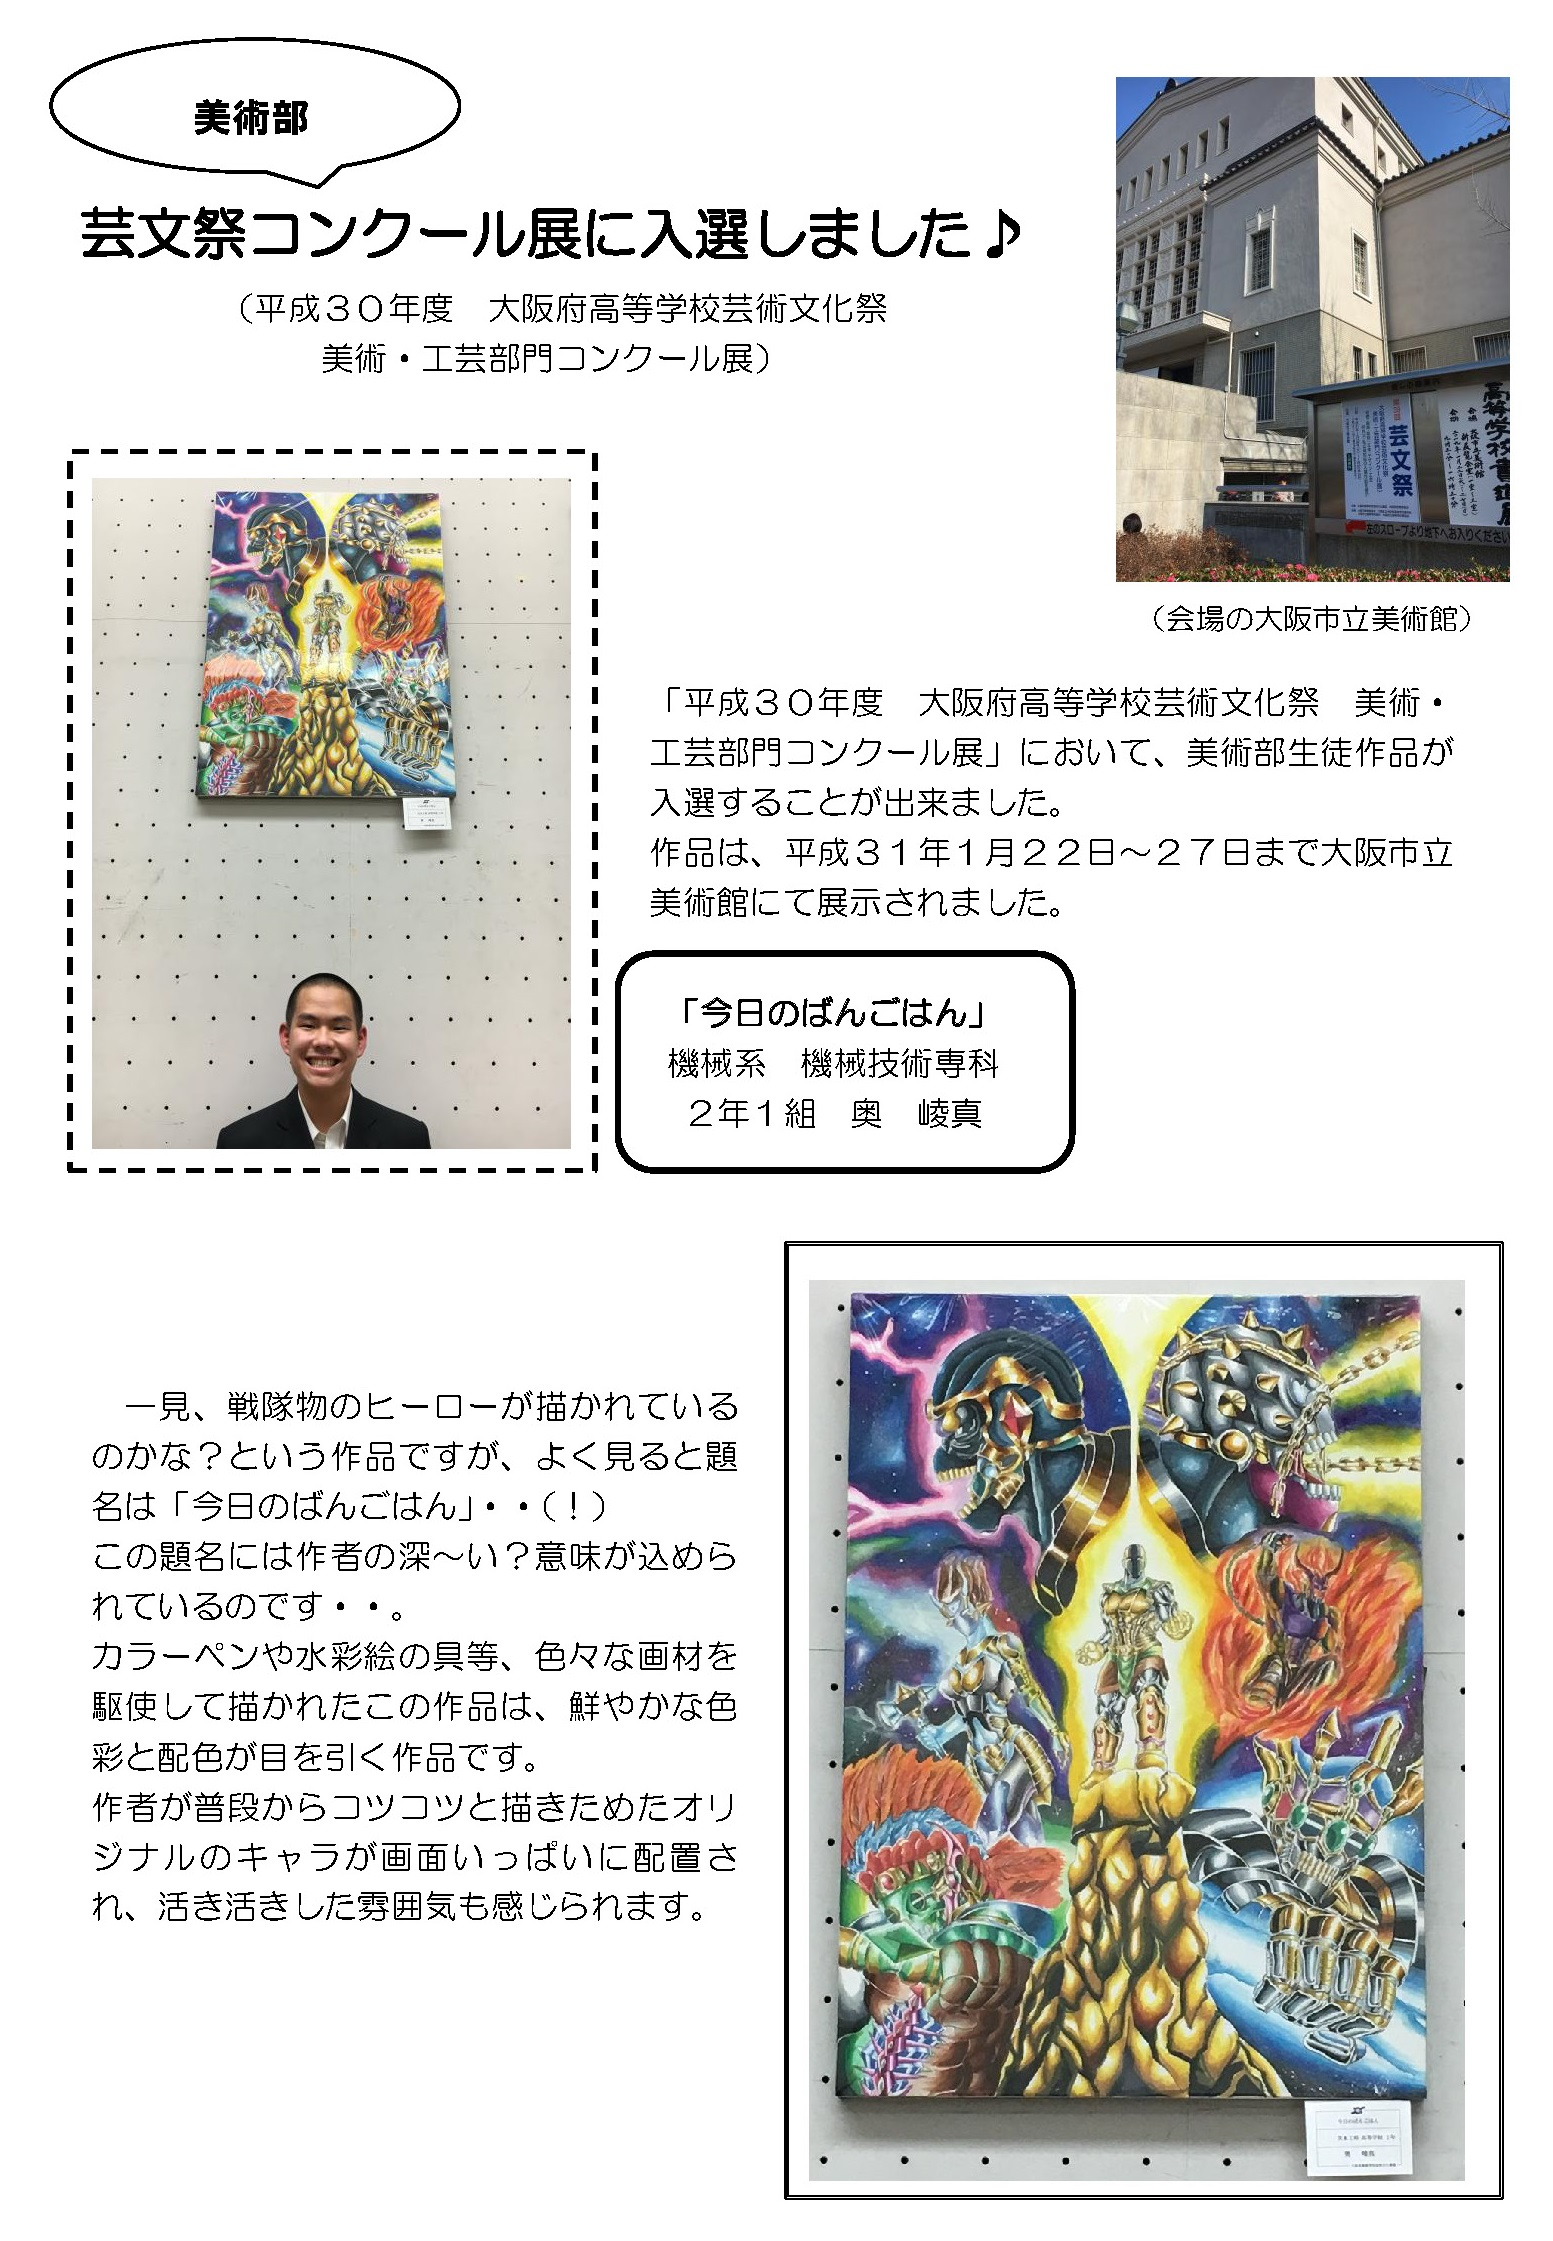 30美術部芸文祭コンクール入選